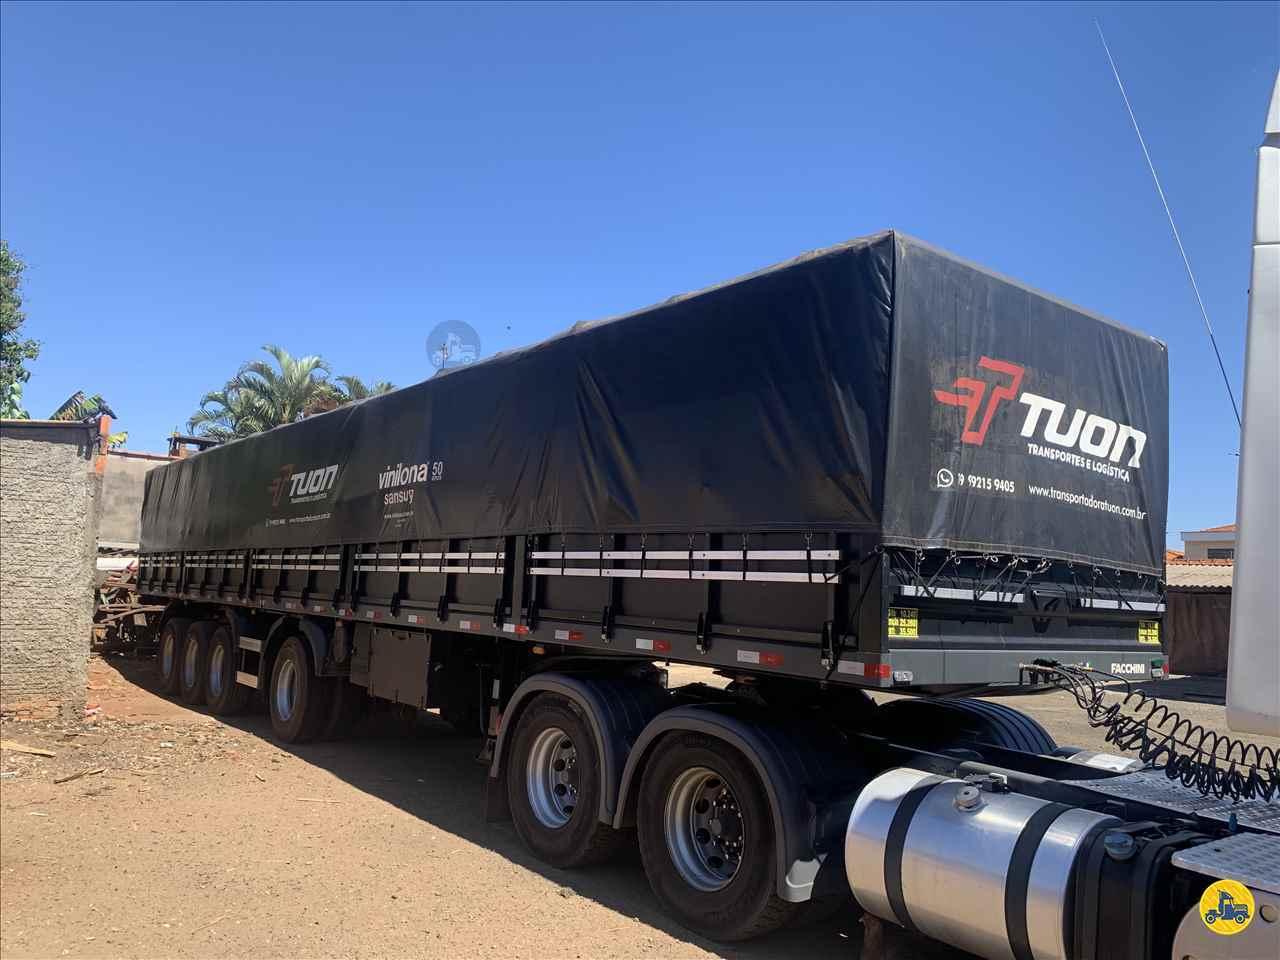 CARRETA SEMI-REBOQUE GRANELEIRO Transportadora Tuon PIRASSUNUNGA SÃO PAULO SP